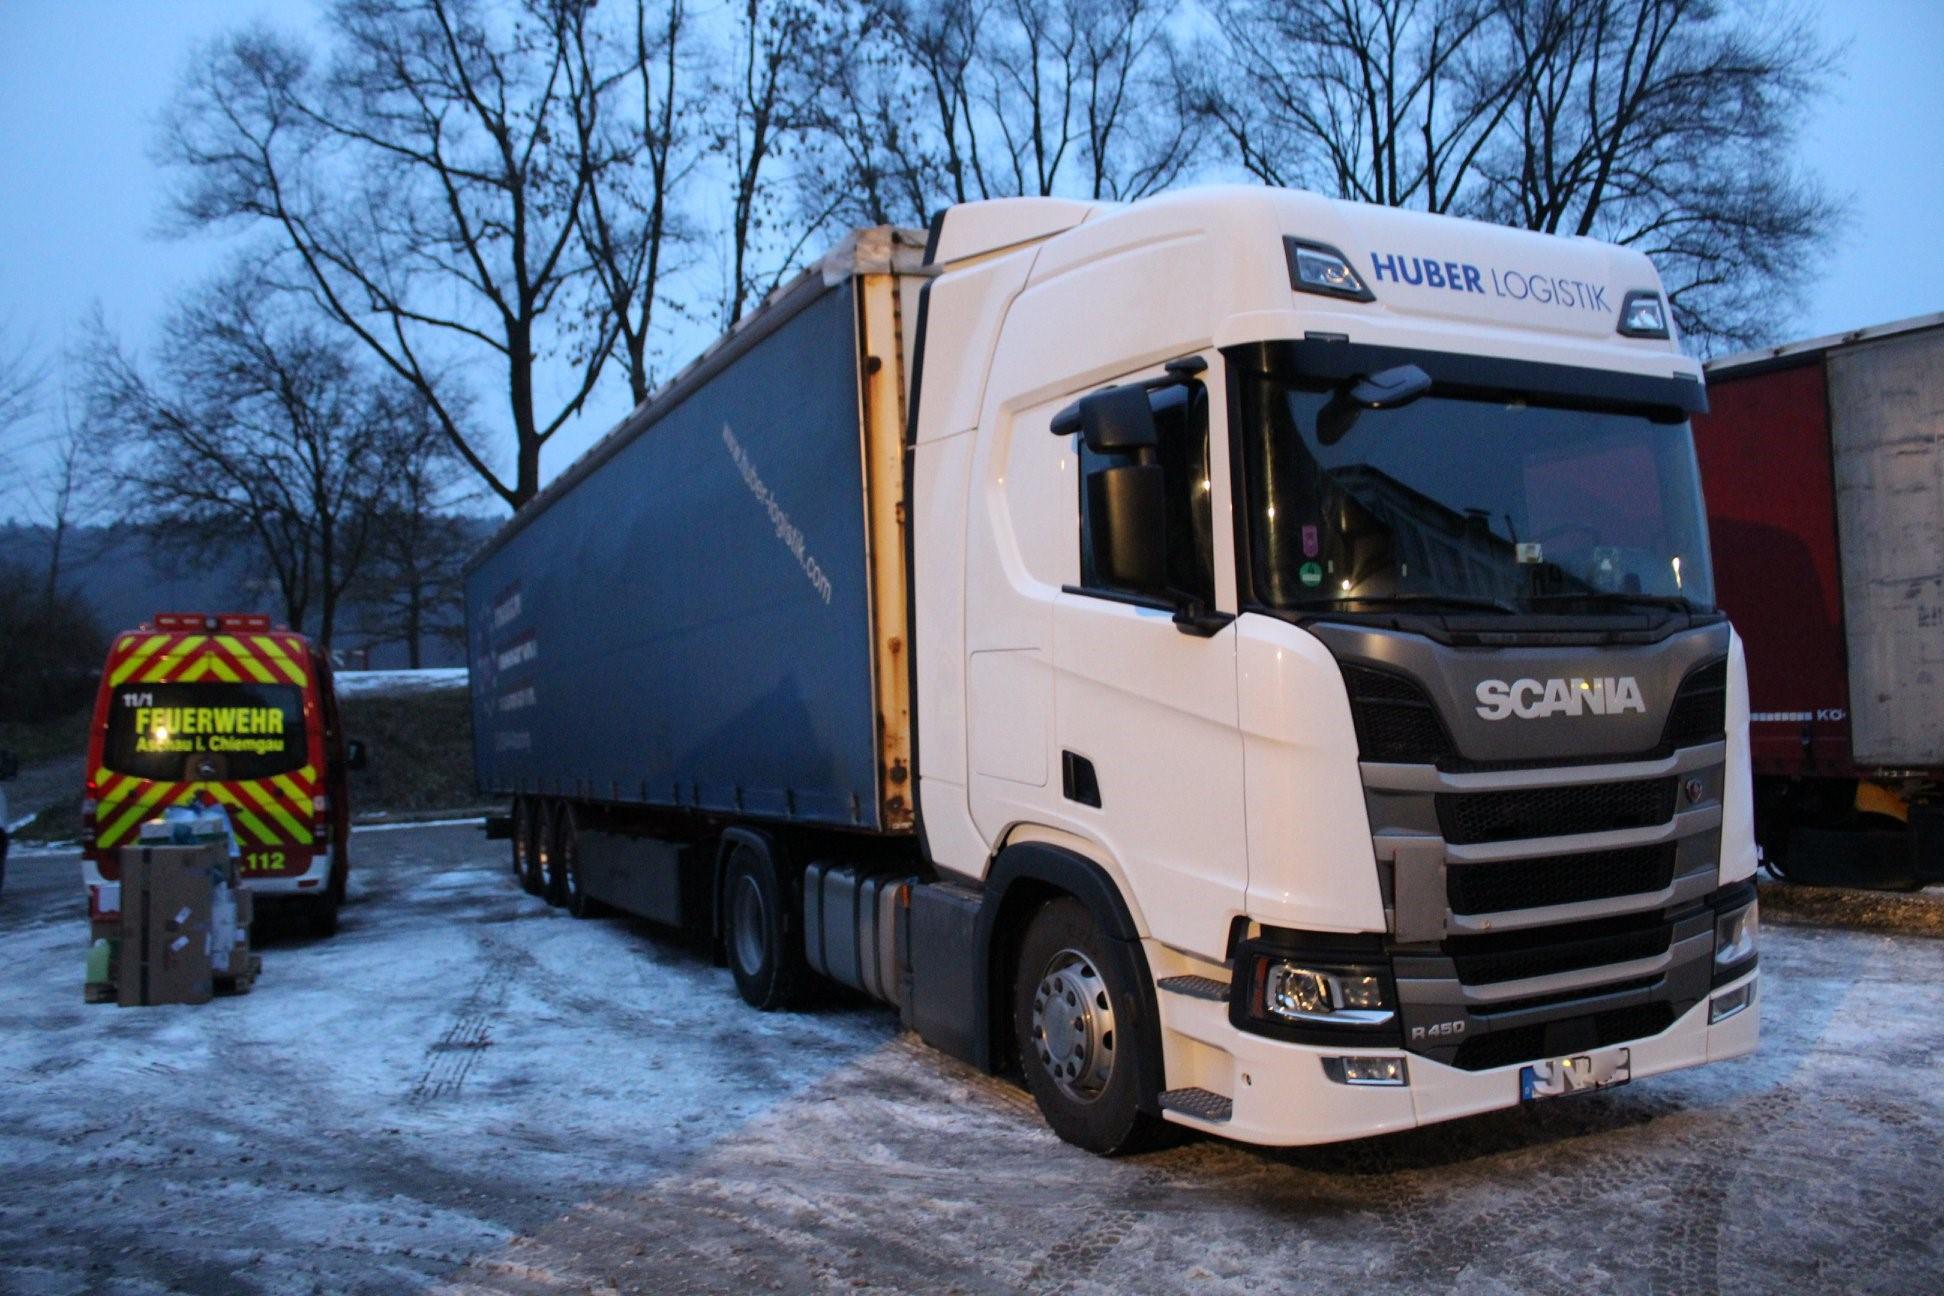 Mit vielen Spenden unterwegs nach Kroatien… - Huber Logistik